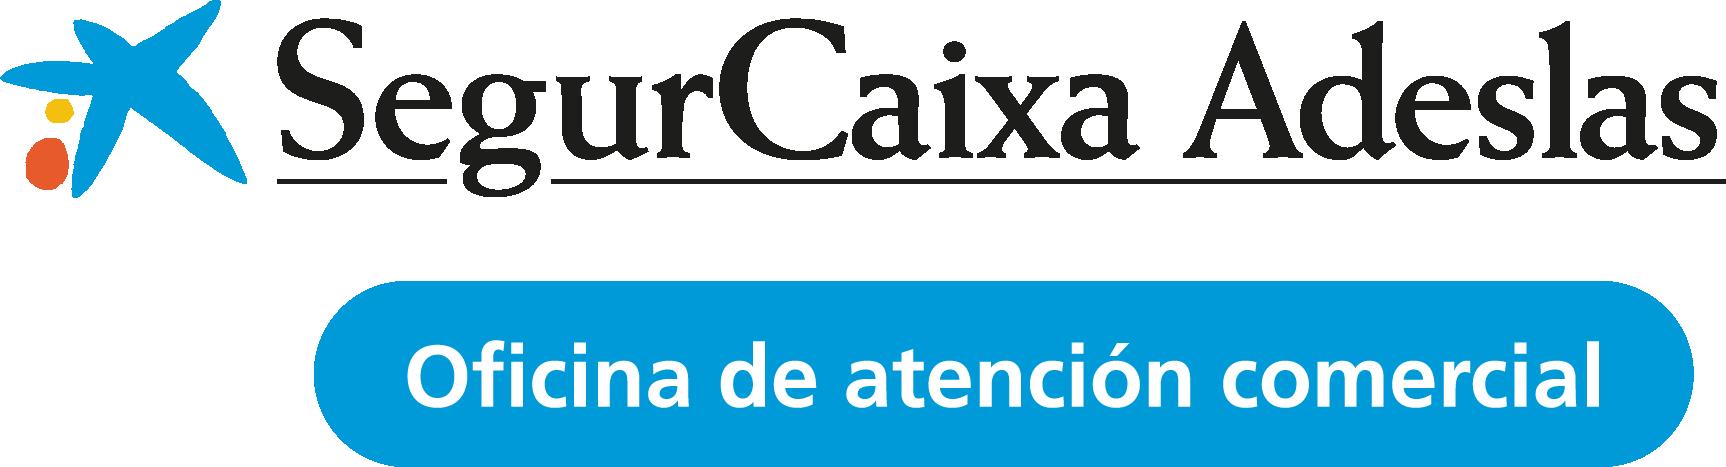 Adeslas OAC La Selva